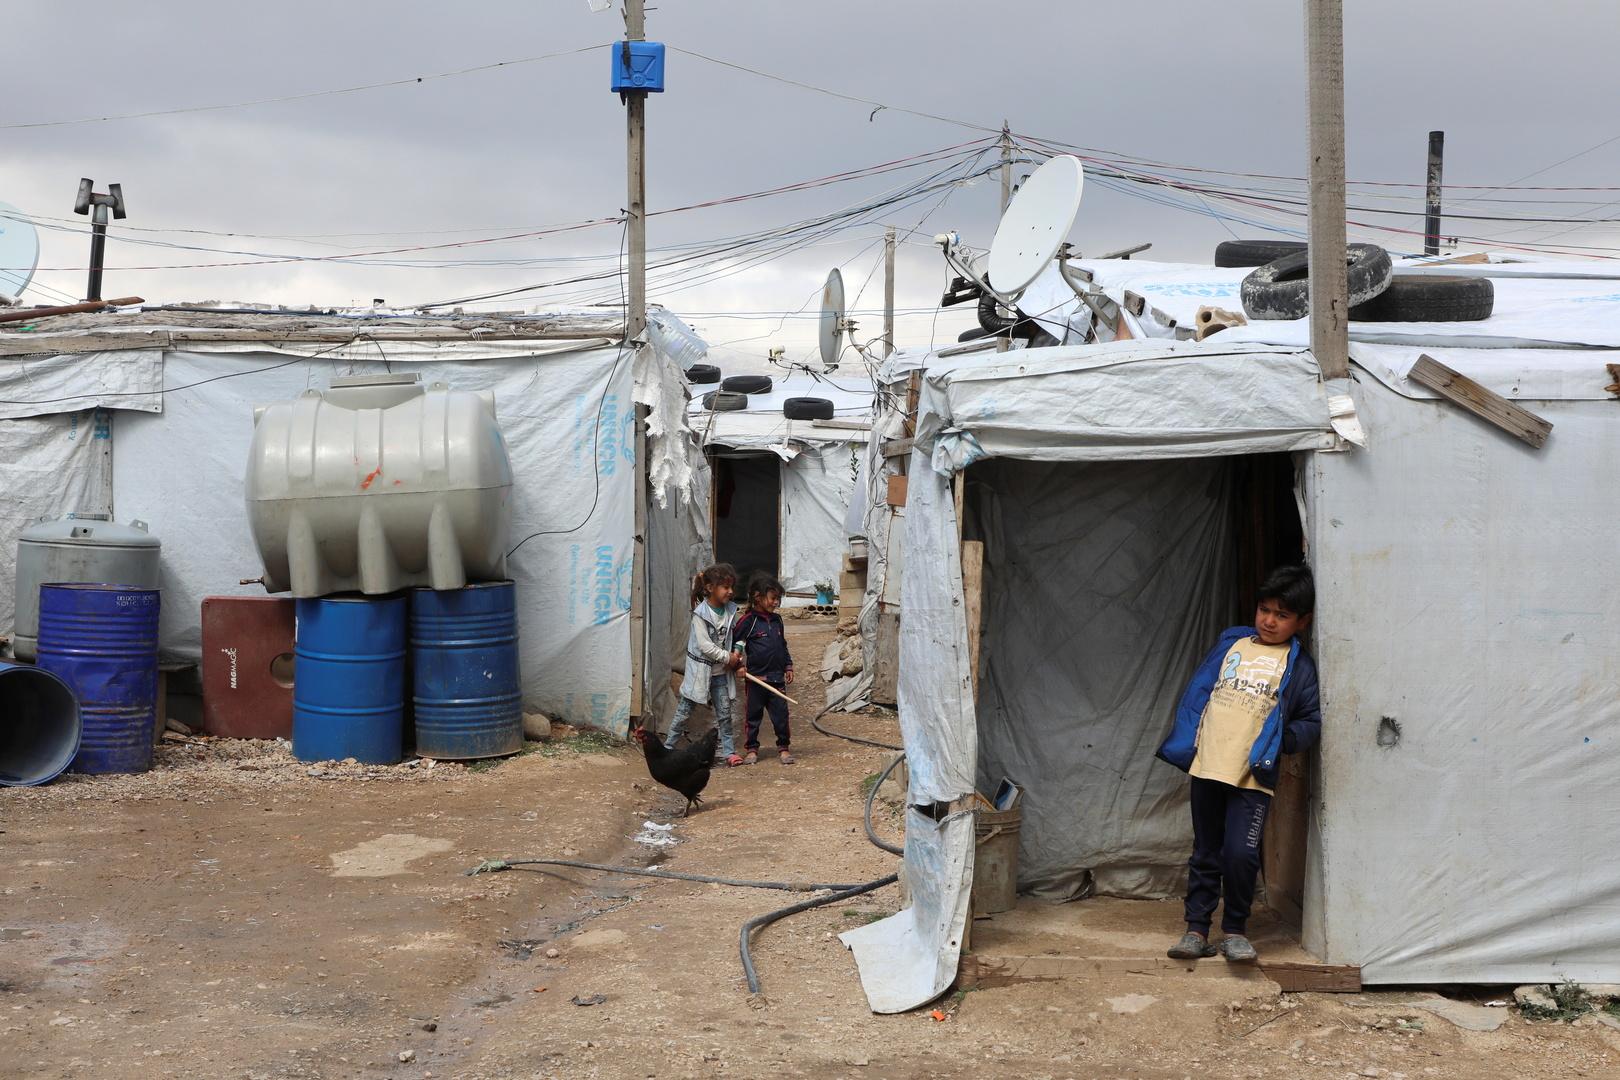 سوريا والعراق يبحثان عودة المهجرين من البلدين إلى أوطانهم